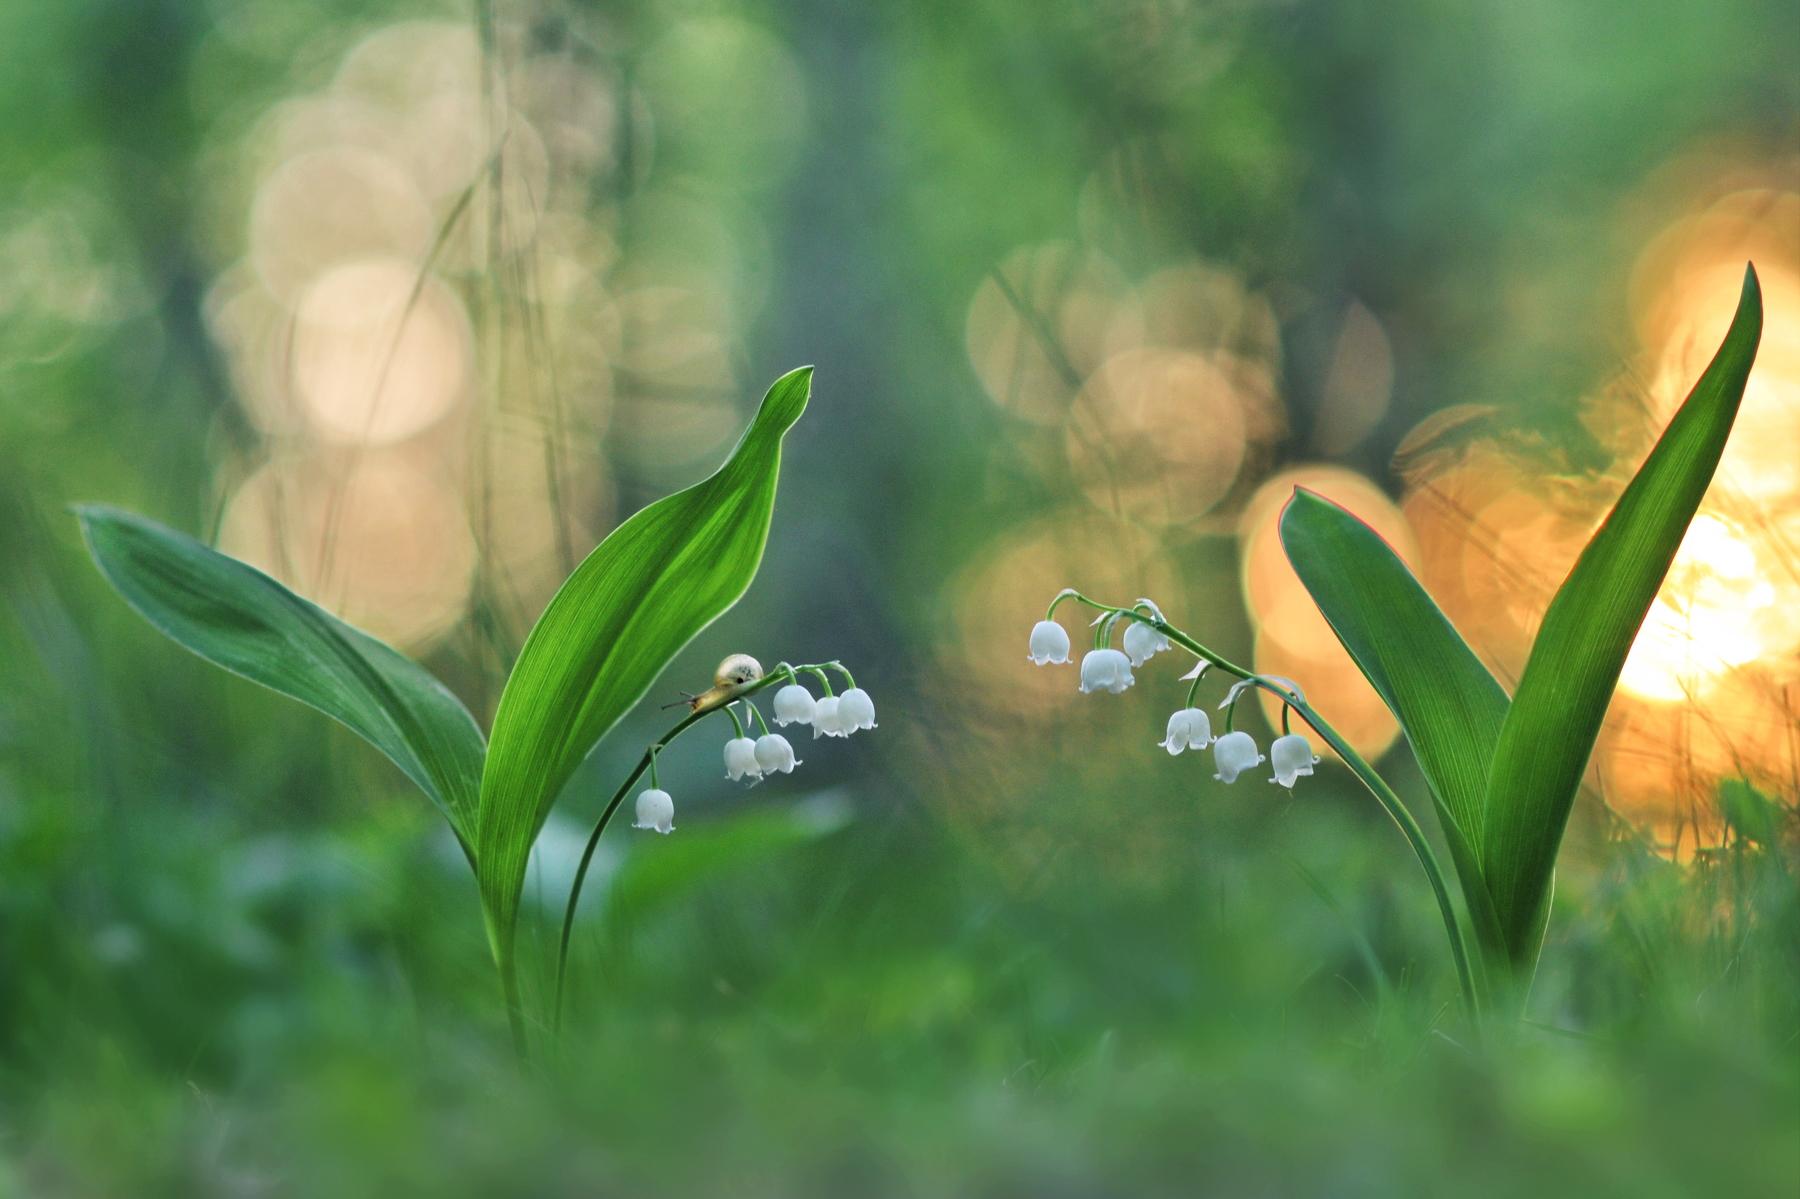 Прикосновение к прекрасному / фотограф Александр Гвоздь